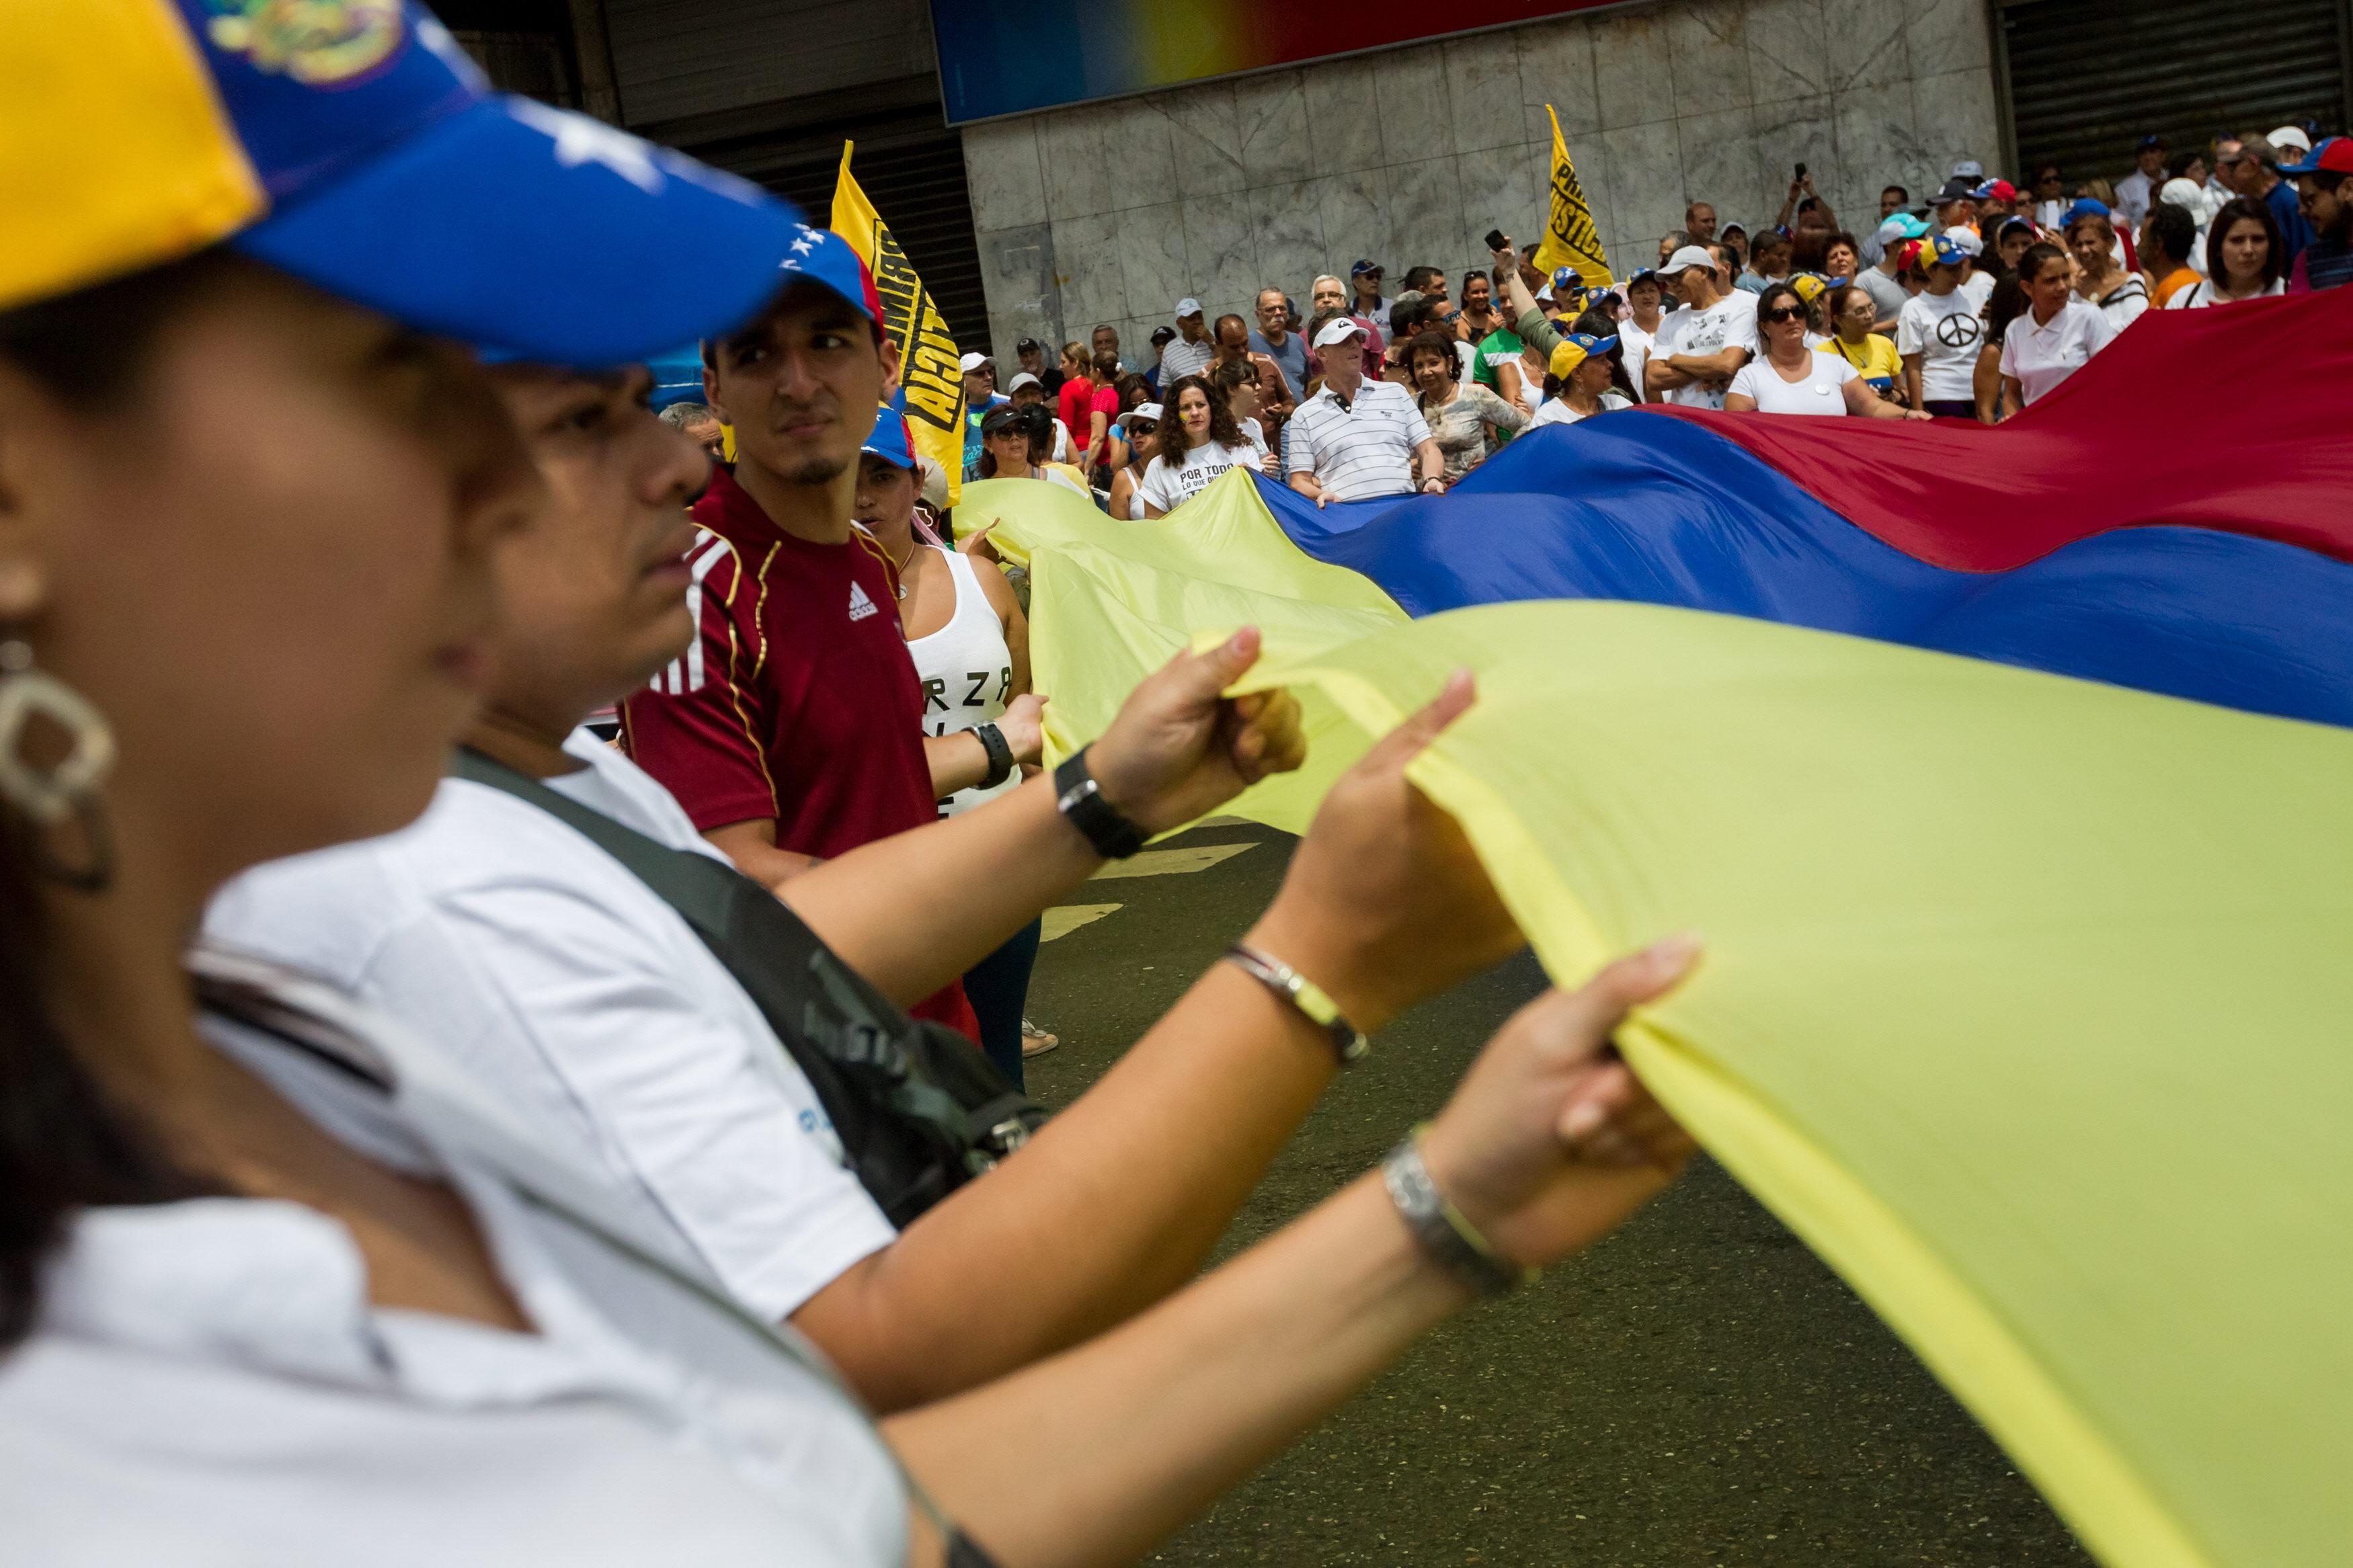 CAR01. CARACAS (VENEZUELA),19/9/2015 , Un grupo de personas ondean una bandera venezolana hoy, sábado 19 de septiembre del 2015, en la ciudad de Caracas (Venezuela). La oposición venezolana se moviliza en 22 ciudades del país para dar comienzo a la campaña 'Venezuela quiere' de cara a las legislativas de diciembre y en apoyo de Leopoldo López, uno de sus integrantes, condenado hace unos días a cerca de 14 años de prisión. EFE/MIGUEL GUTIÉRREZ